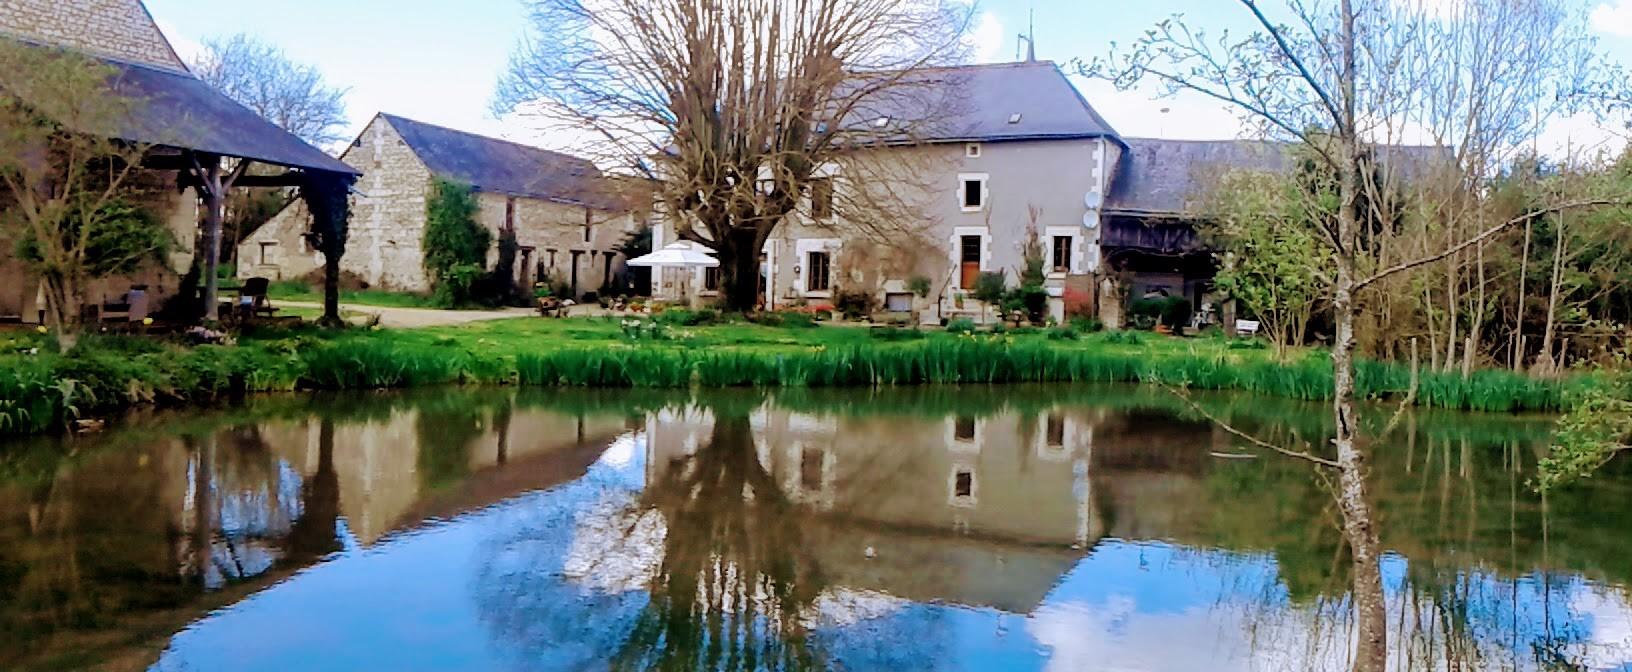 L'étang et la maison